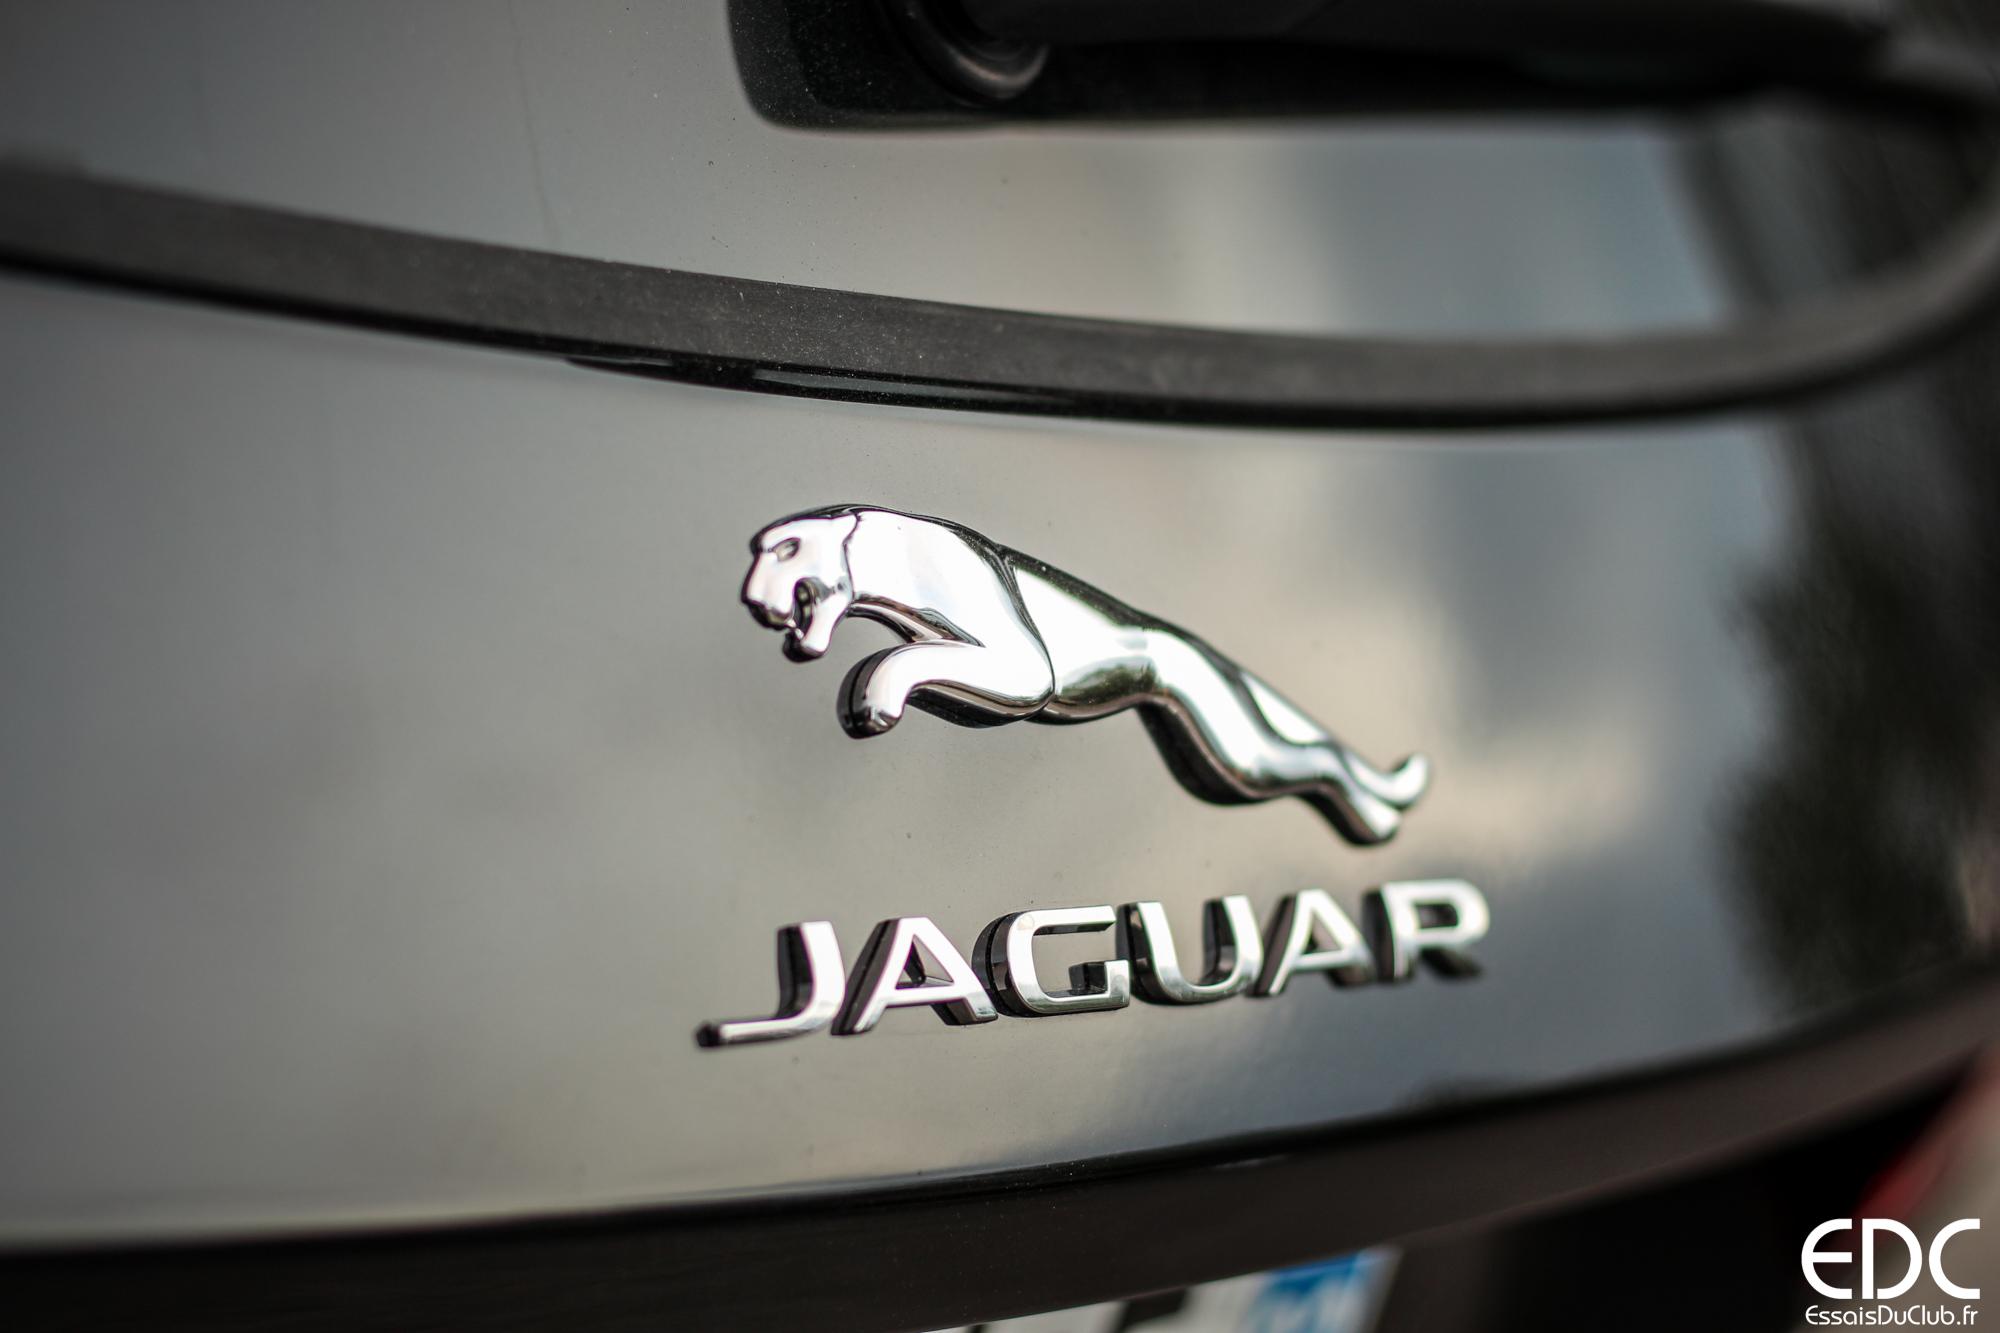 Jaguar E-PACE logo